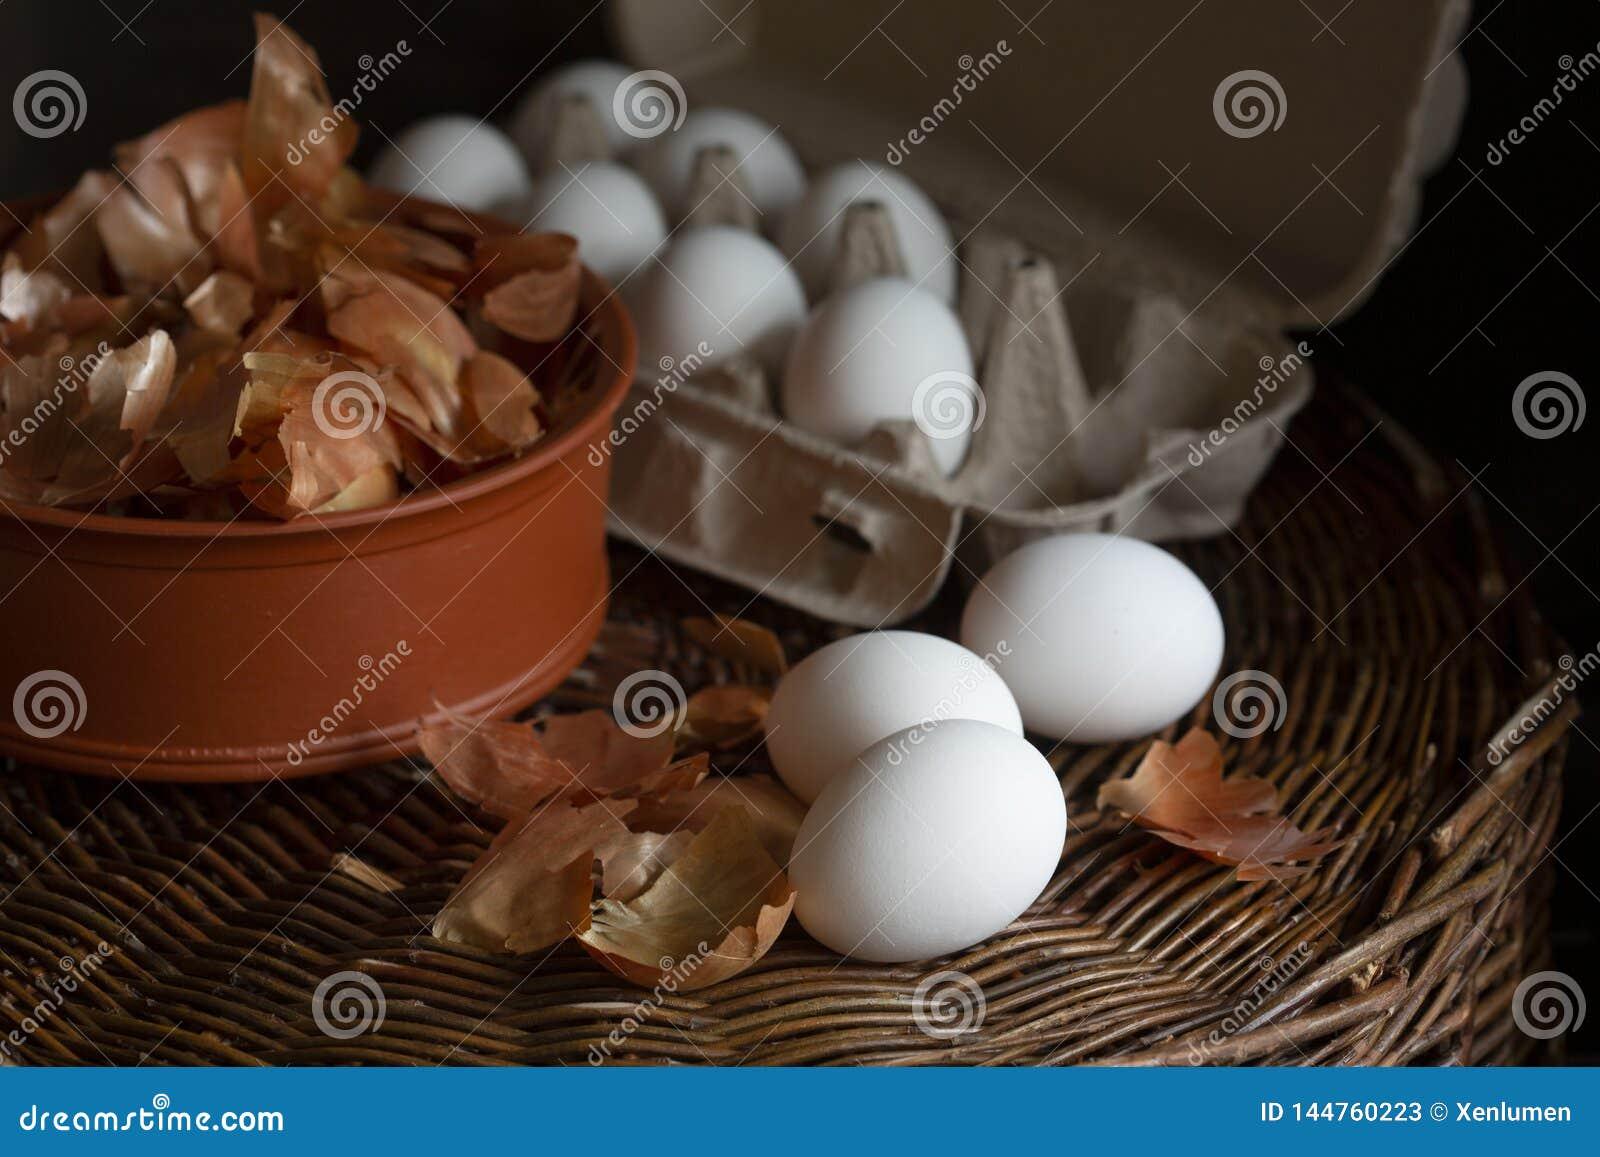 Oeufs blancs dans une boîte avec une peau jaune d oignon dans un plat sur un plateau en osier préparé pour colorer en colorant